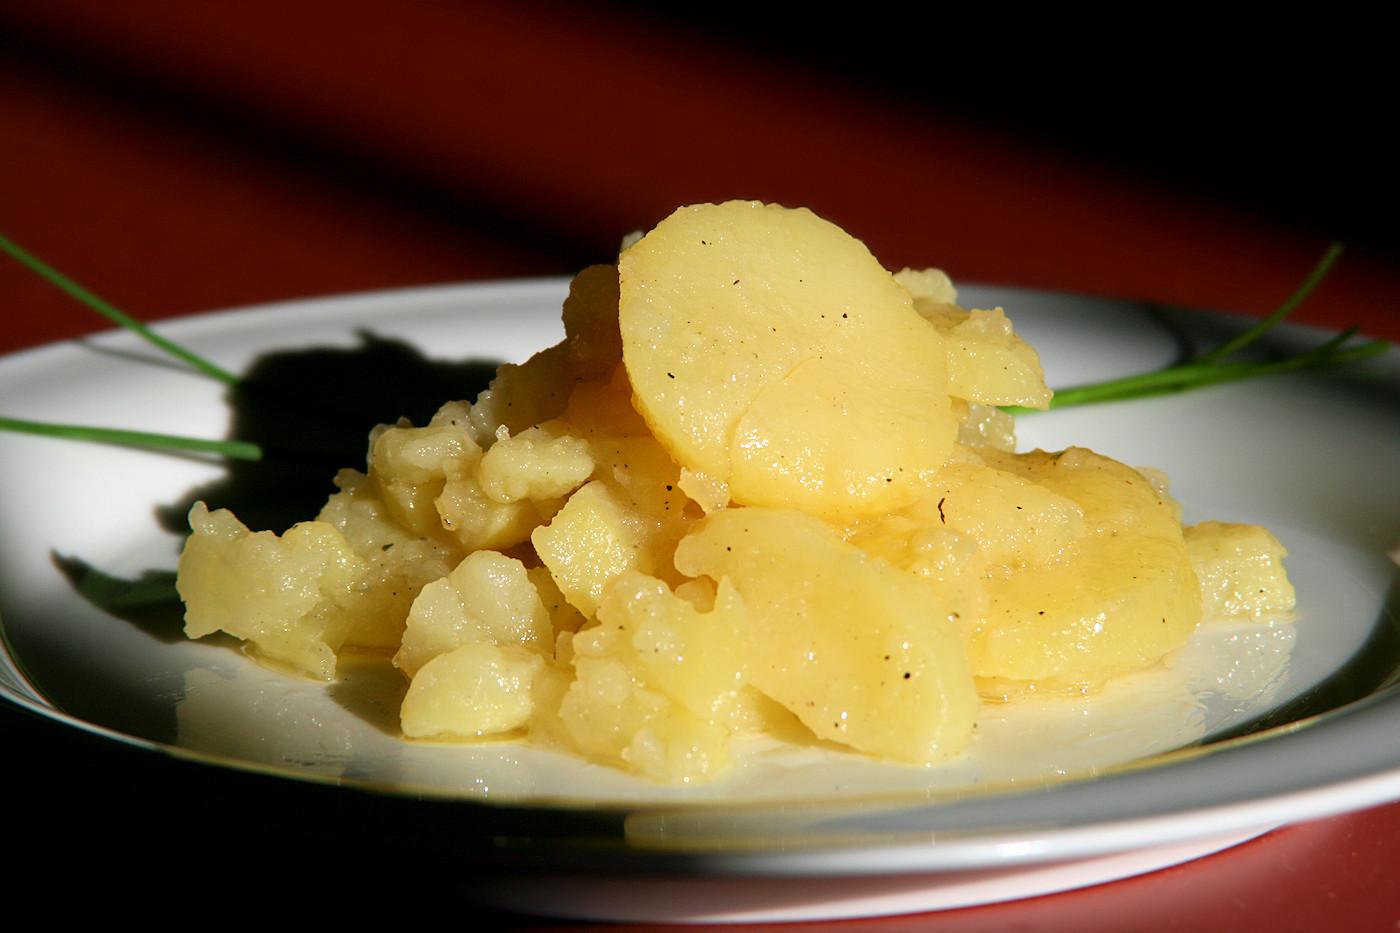 schw bischer kartoffelsalat mit essig l und br he. Black Bedroom Furniture Sets. Home Design Ideas